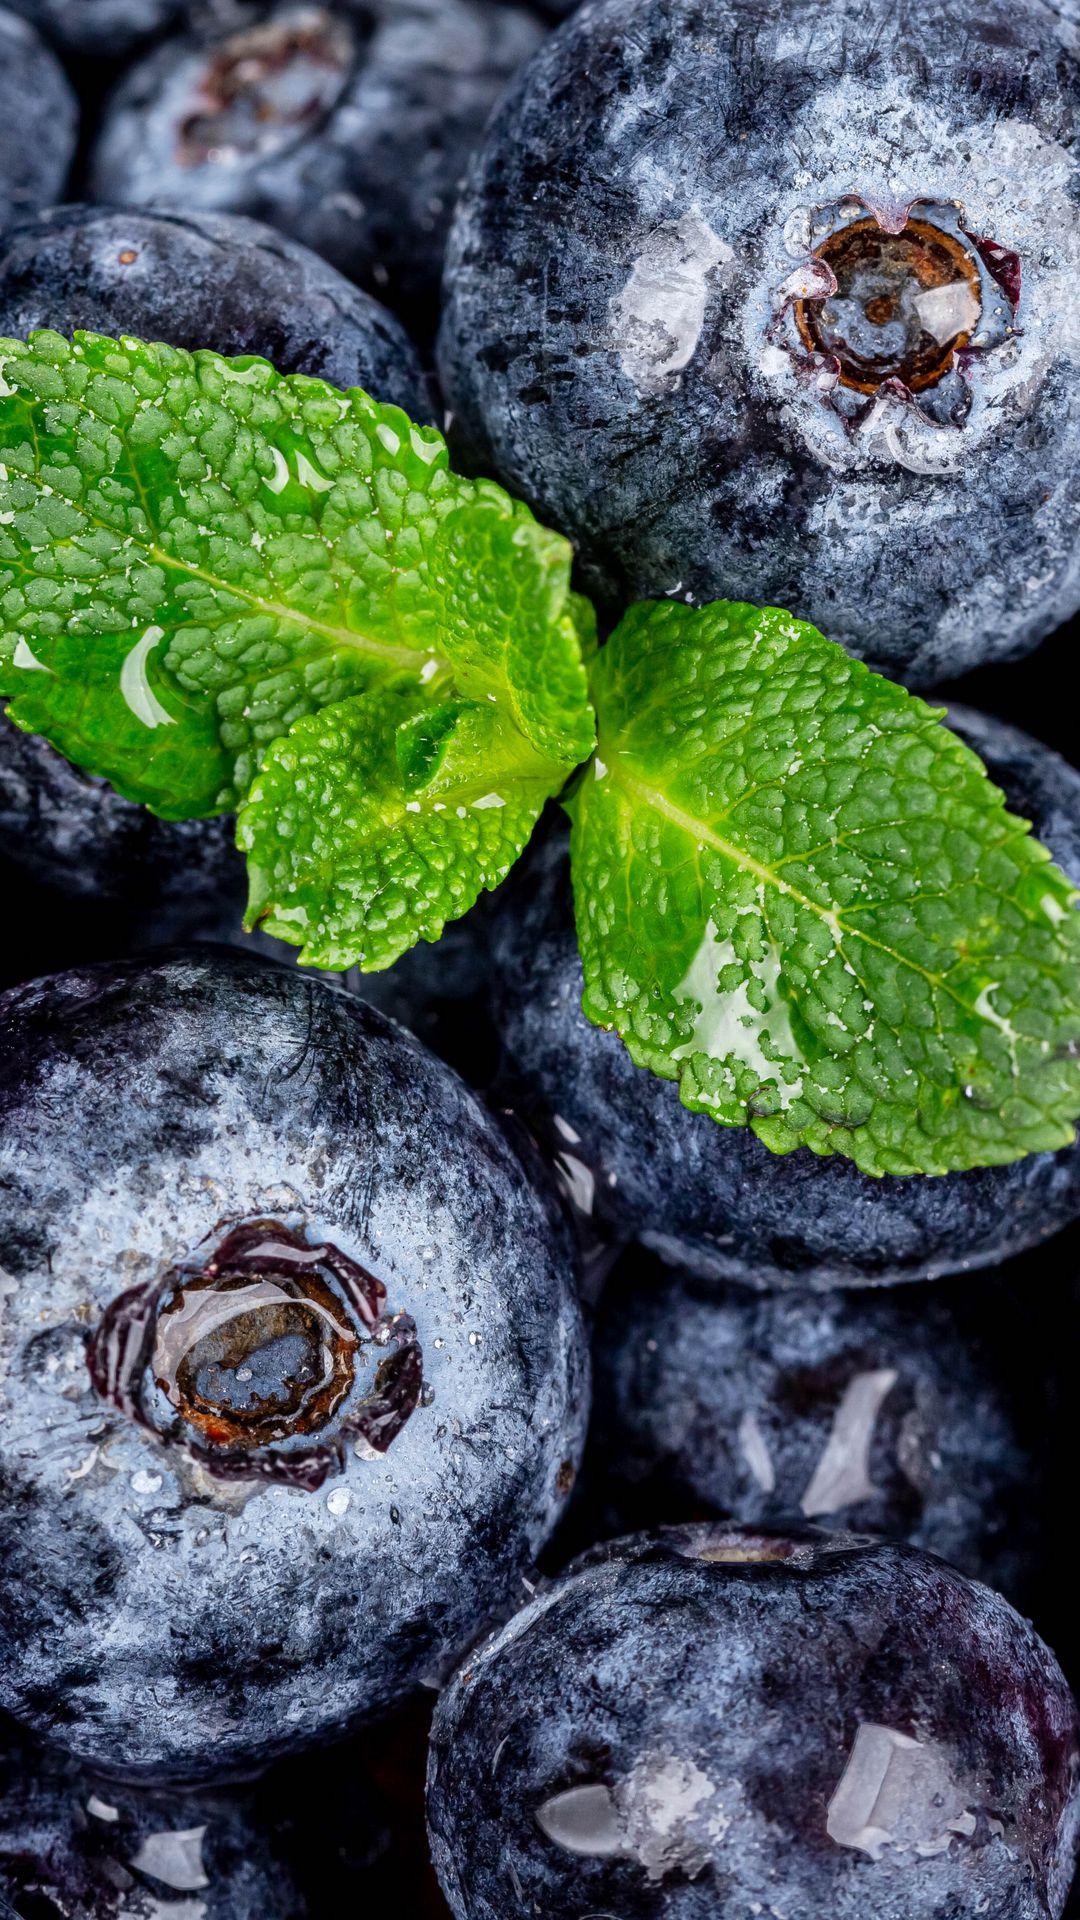 1080x1920 Wallpaper blueberries, berries, mint, wet, macro